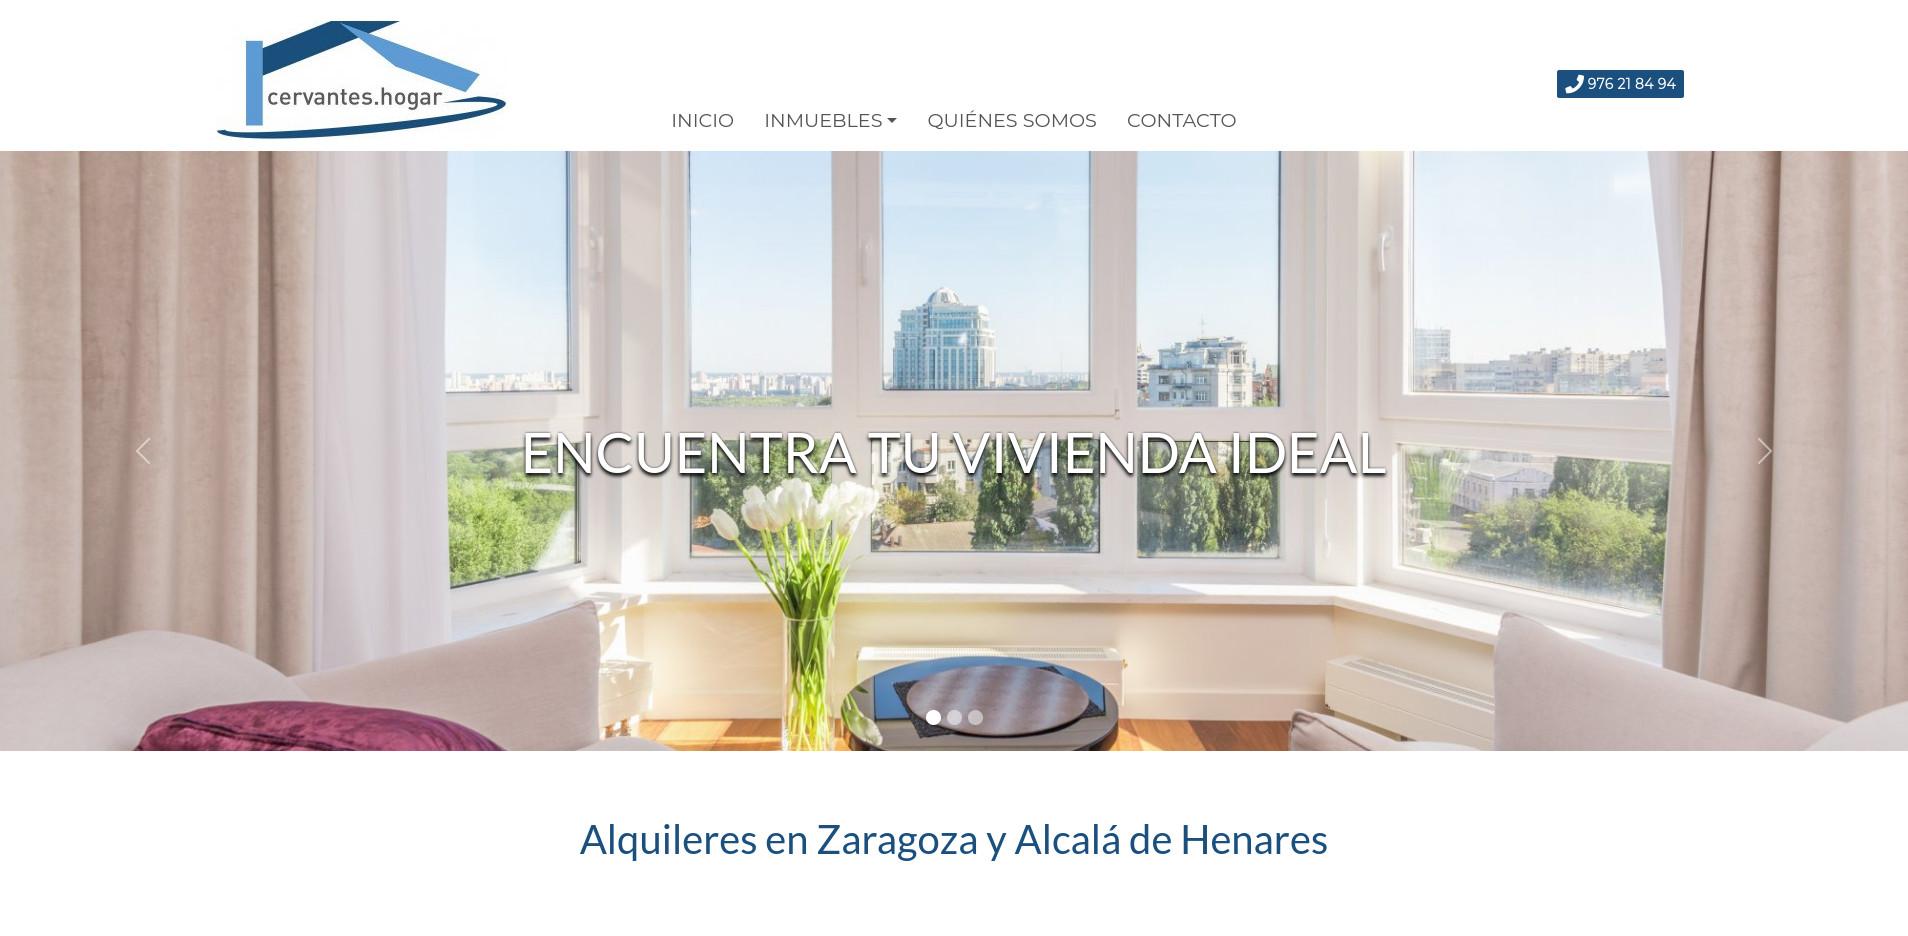 Cervantes Hogar inaugura web